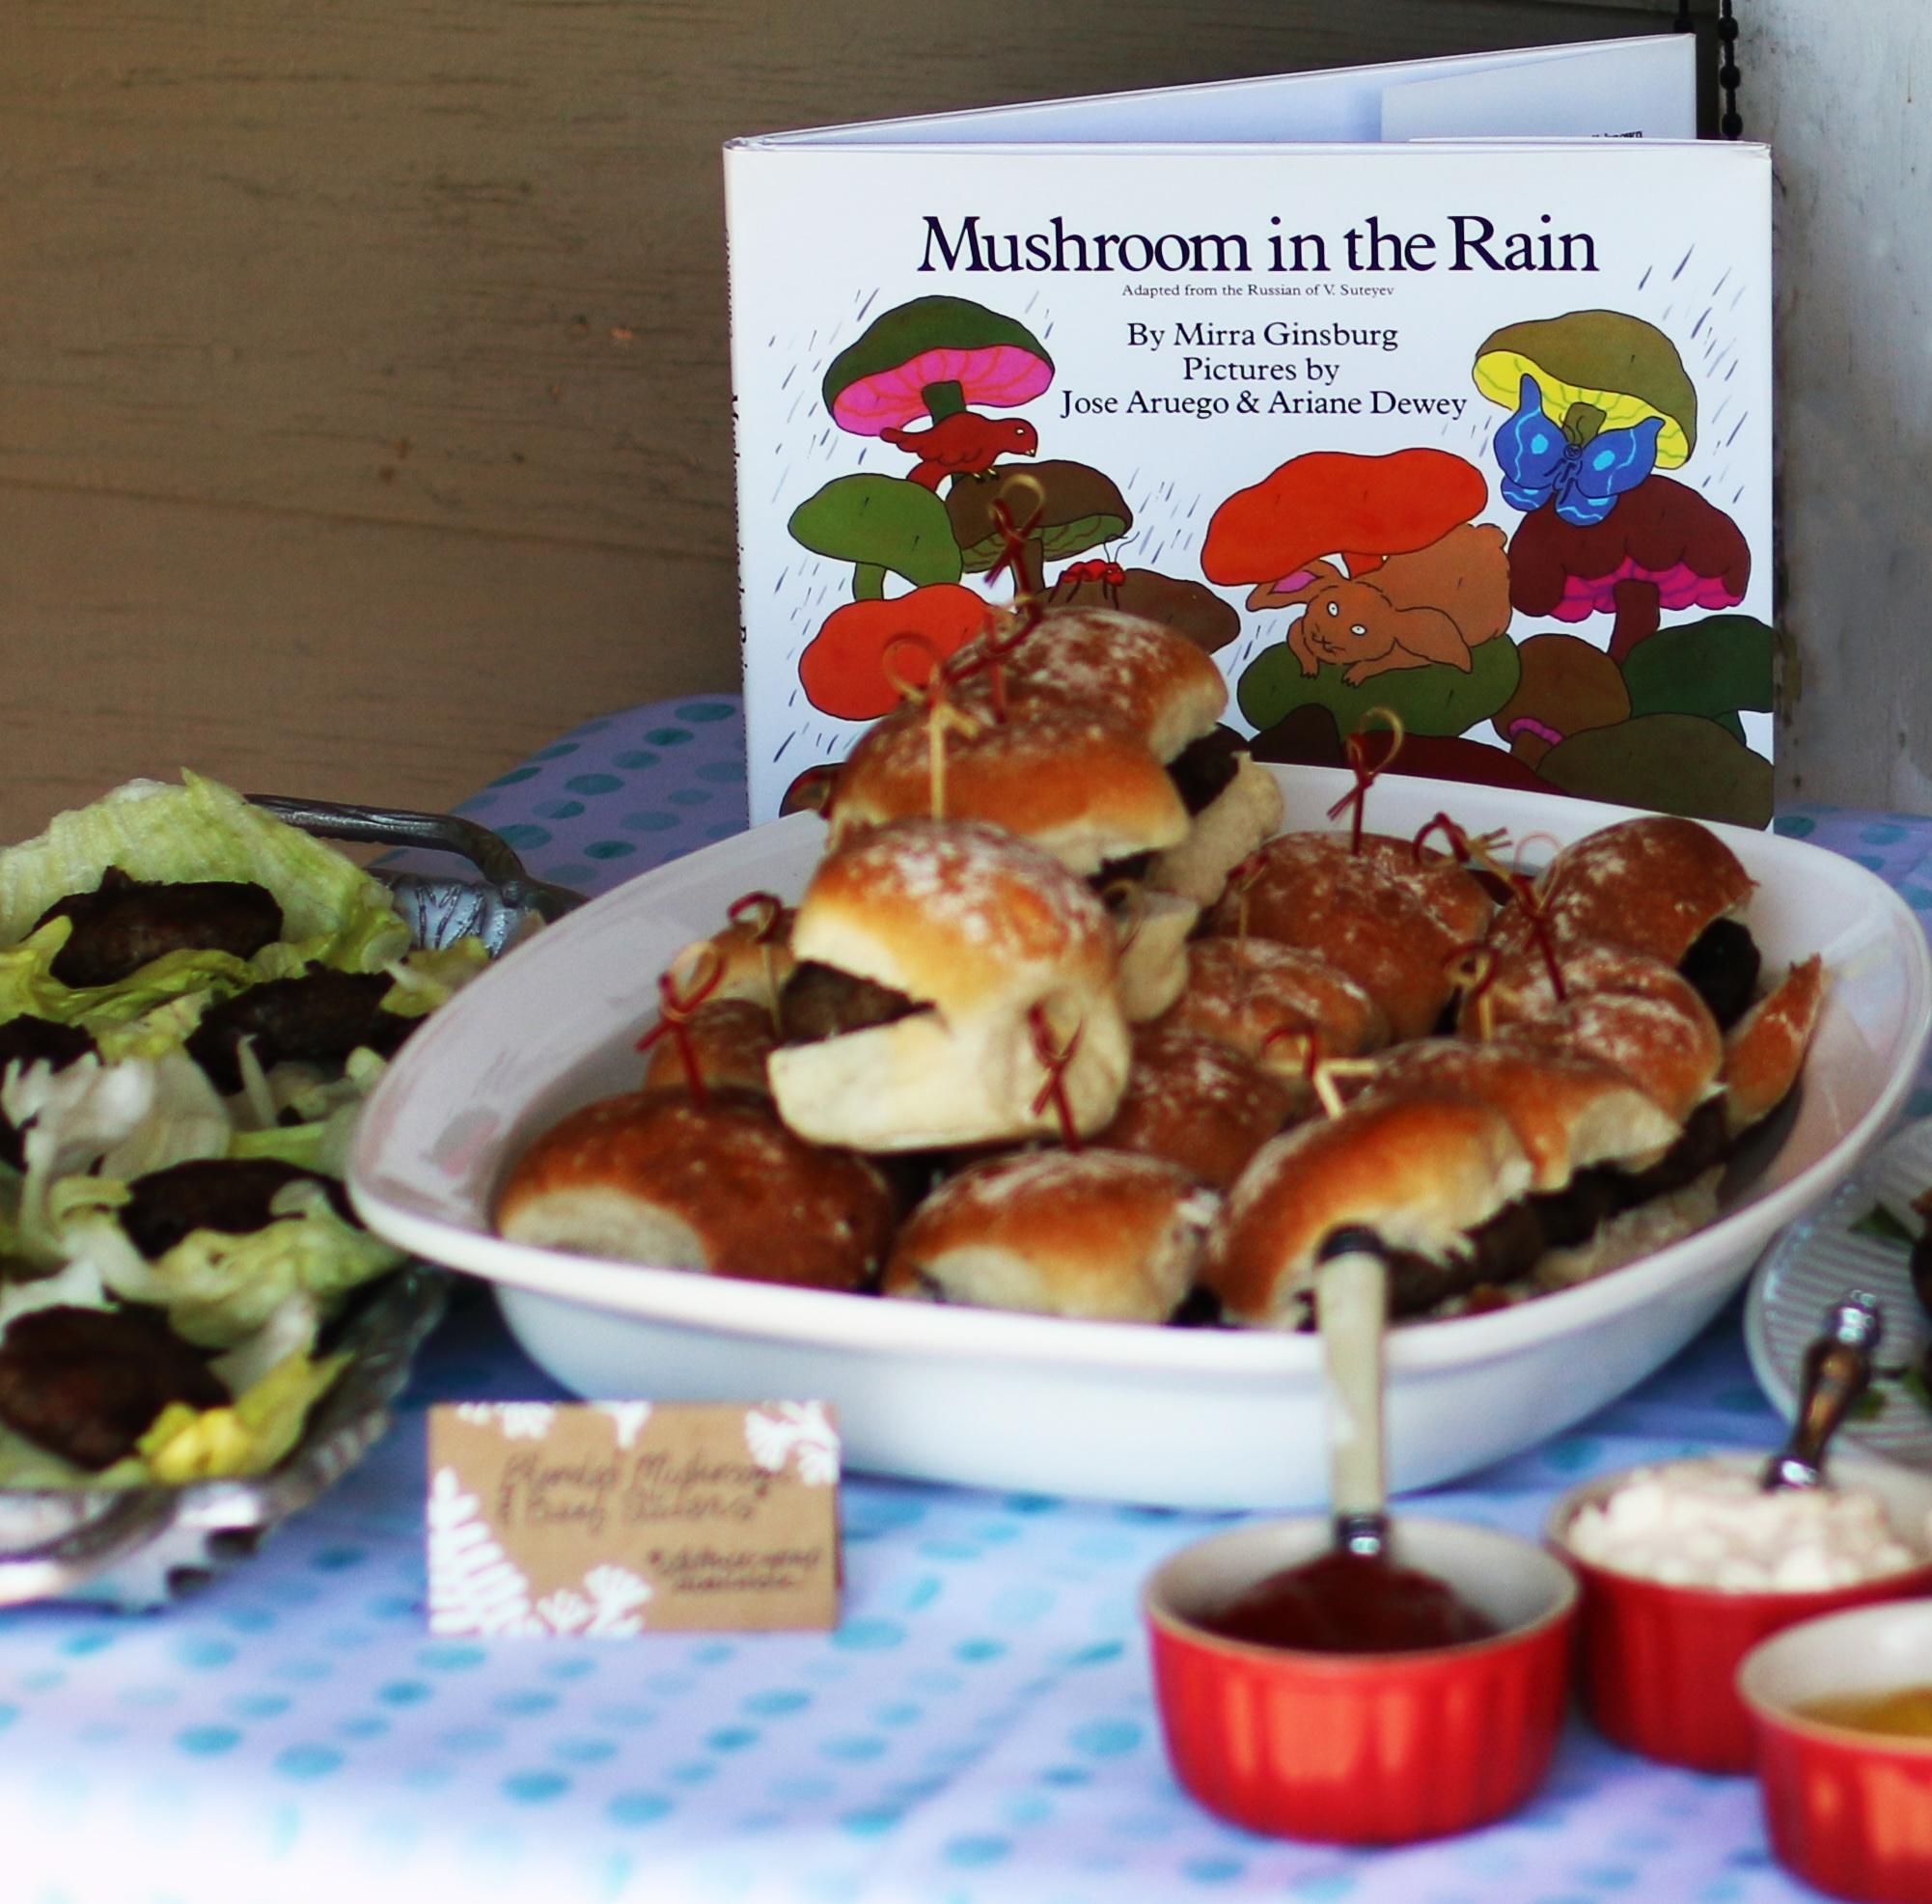 Mushroom Appetizer Table